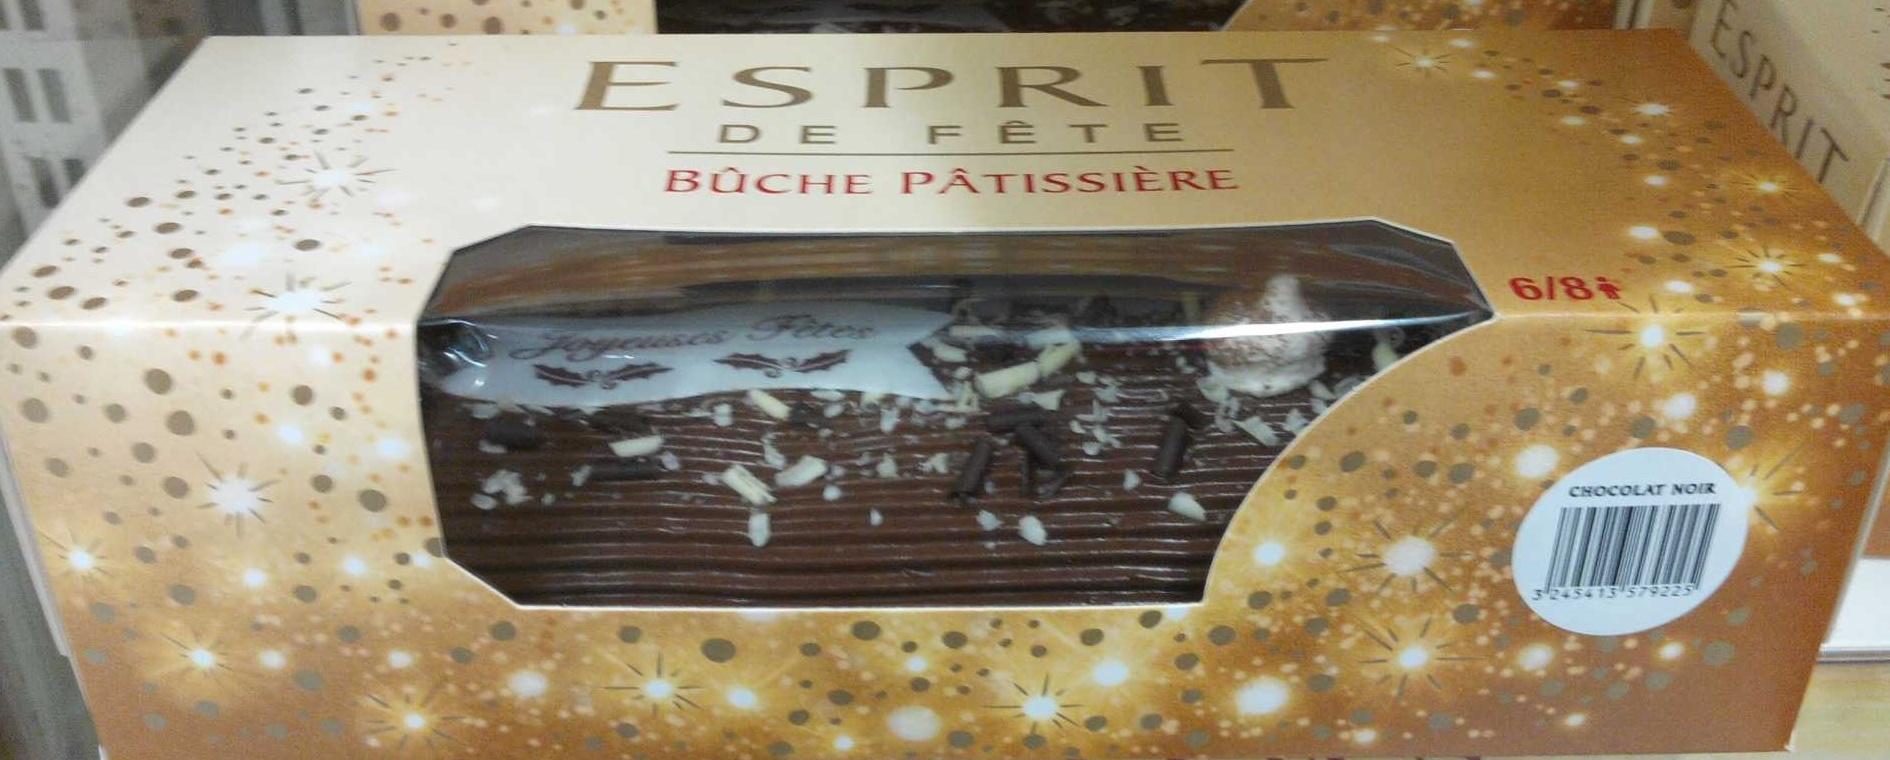 Bûche pâtissière chocolat noir - Produit